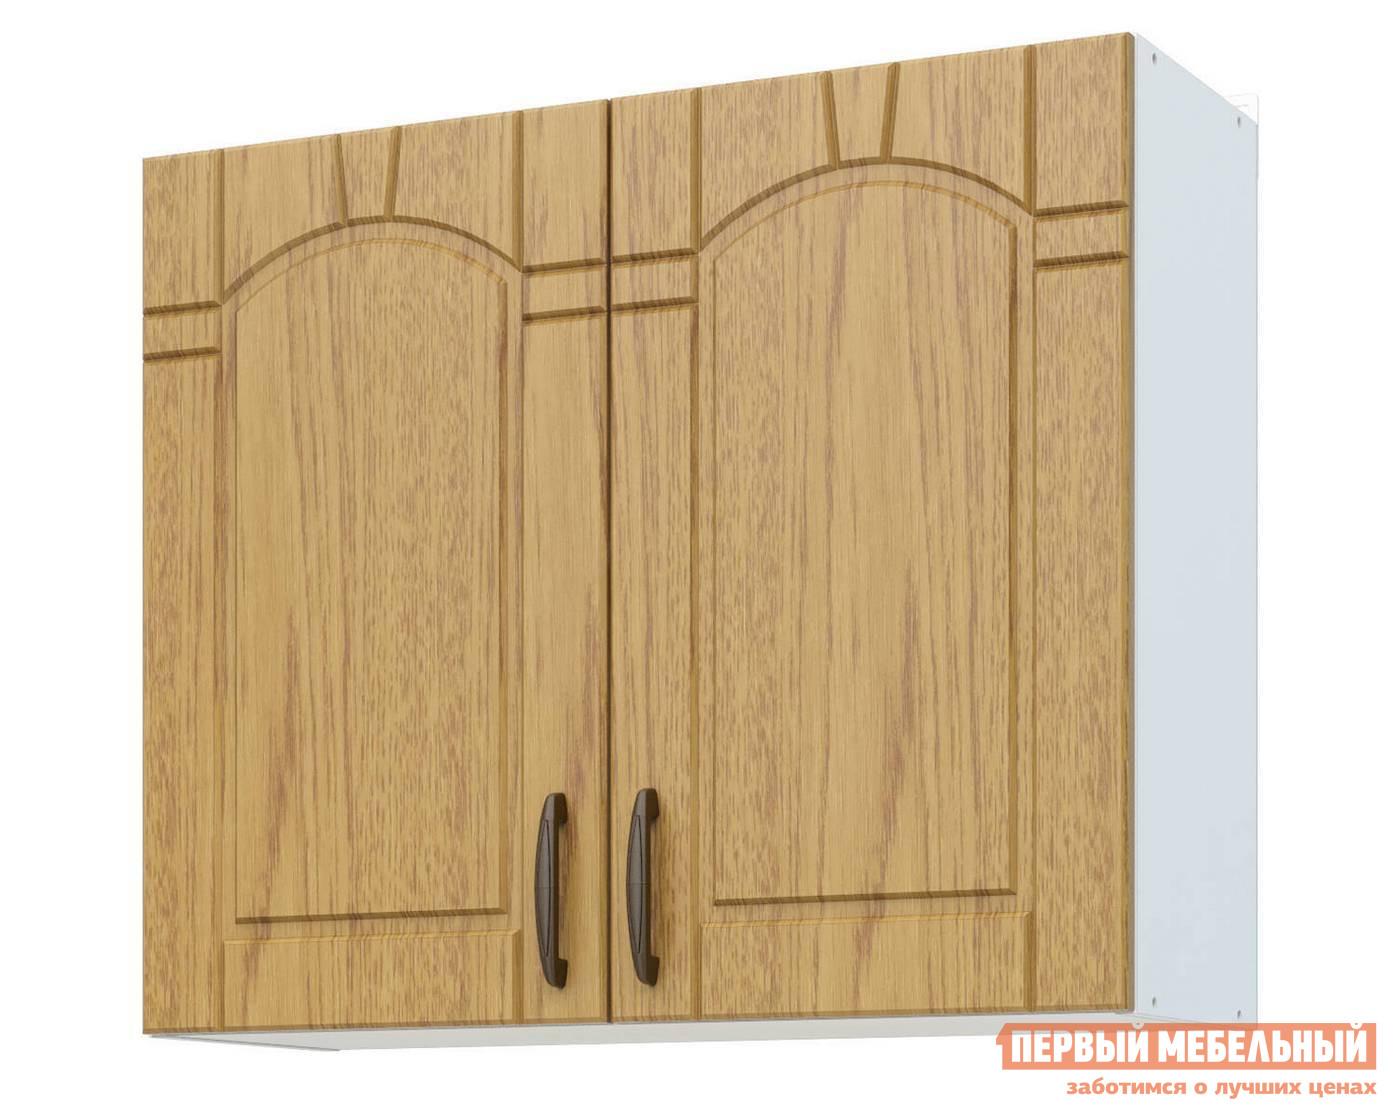 Кухонный модуль СтолЛайн СТЛ.144.03